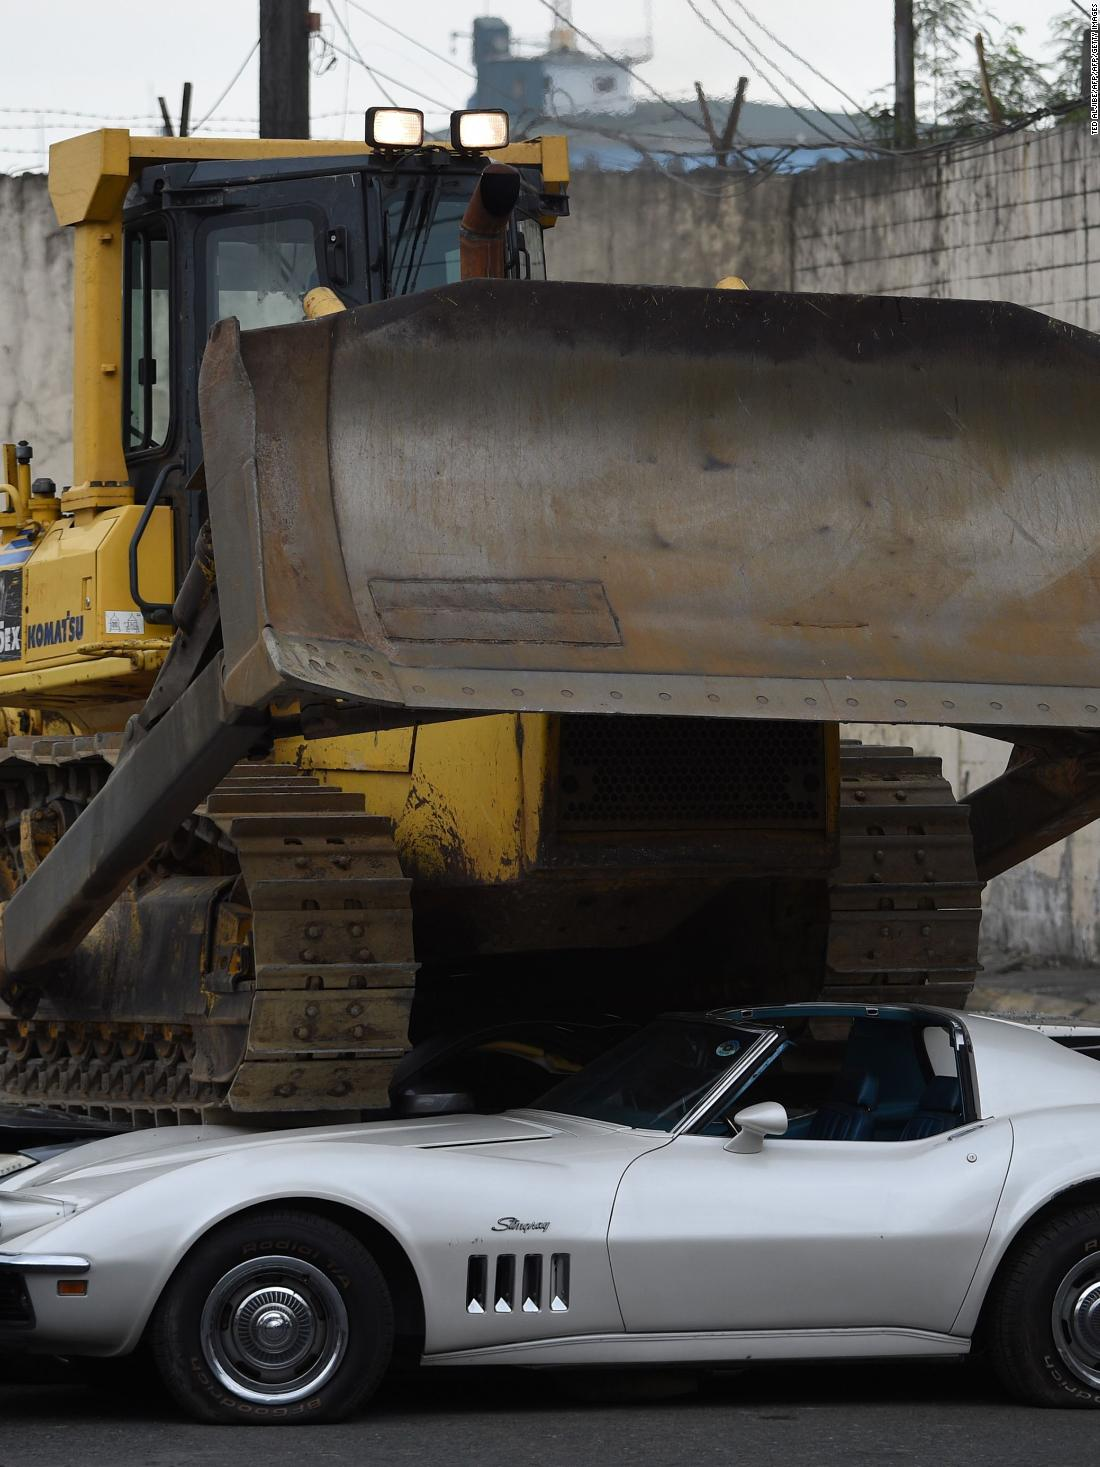 180206155402-philippines-rodrigo-duterte-smuggled-cars-wrecking -sje-bks-lon-orig-2-super-34.jpg